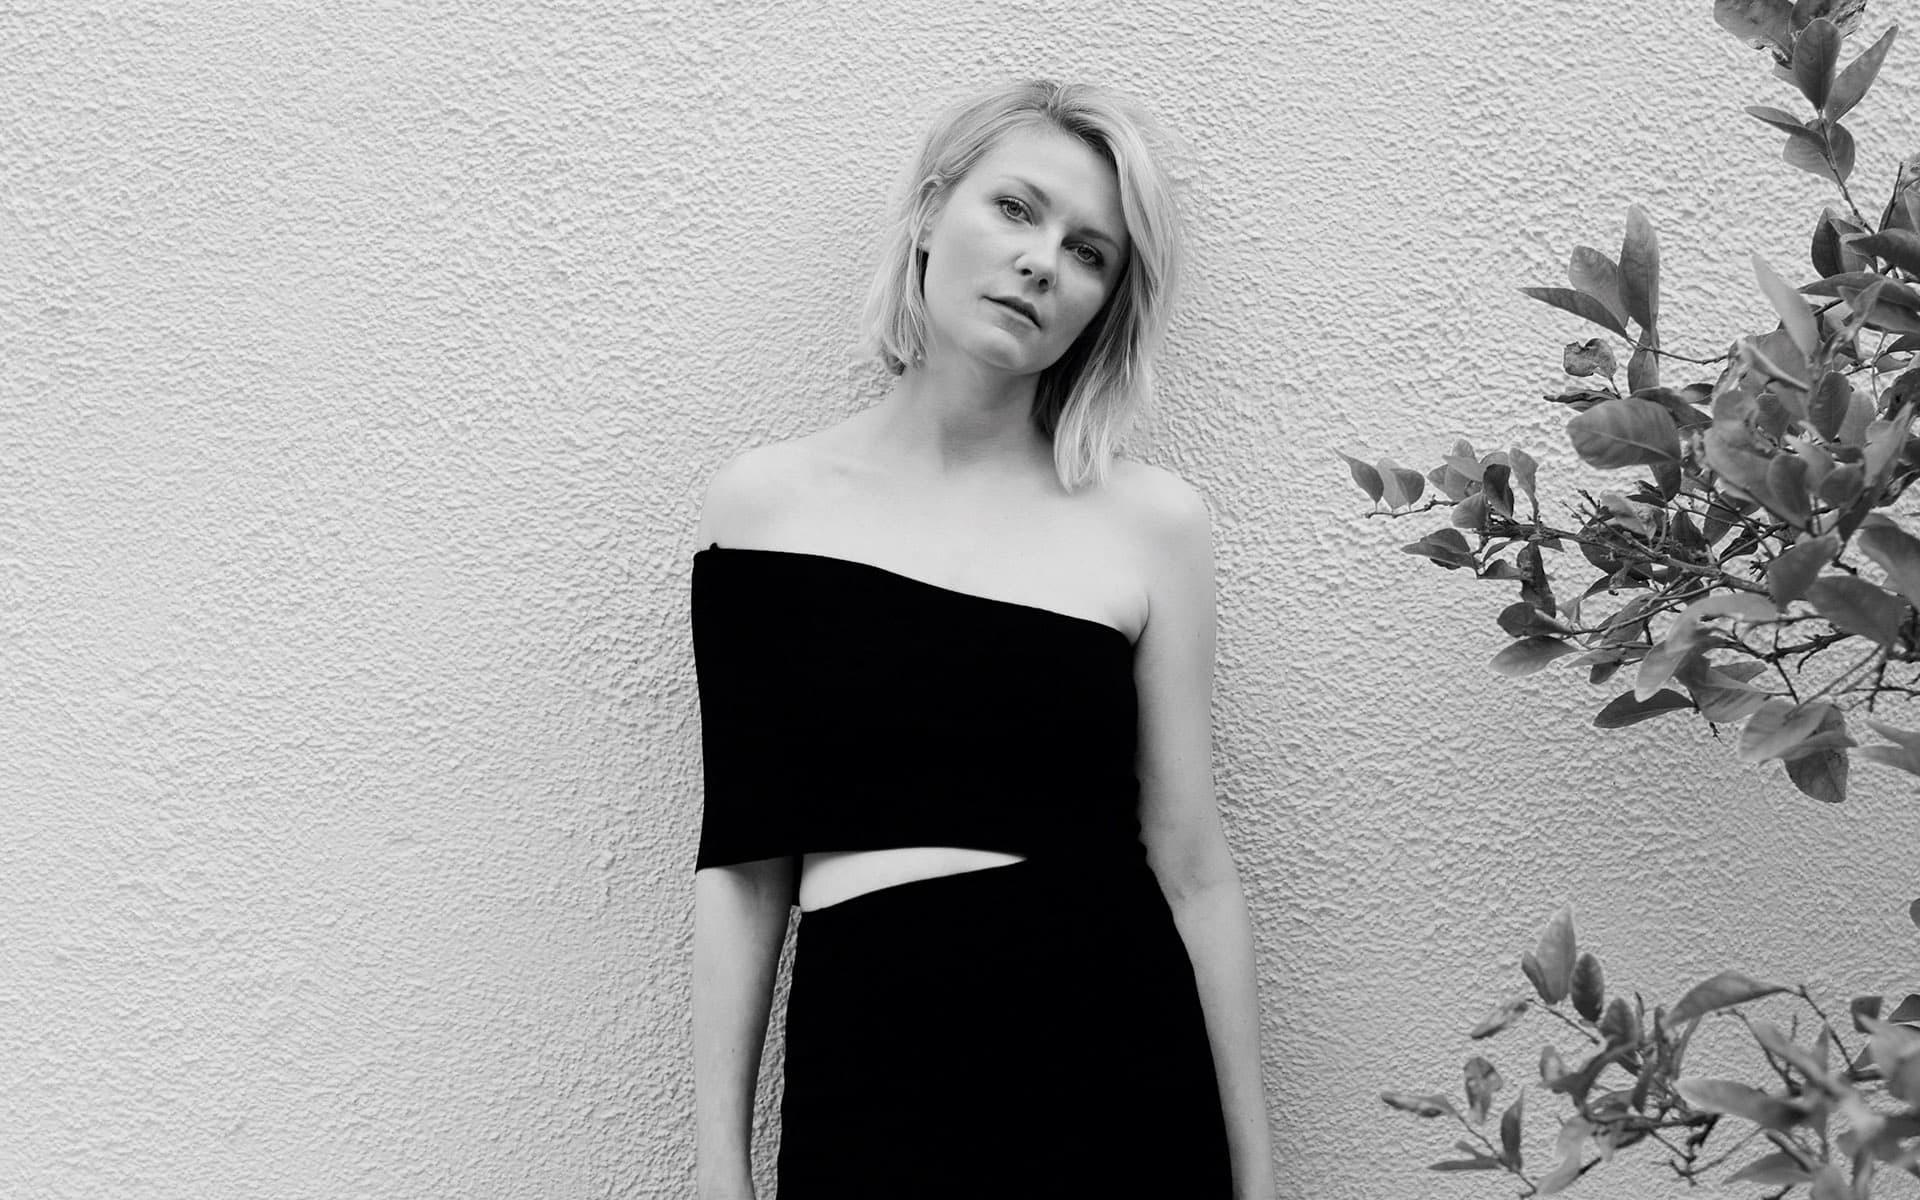 Kirsten Dunst New Wallpapers